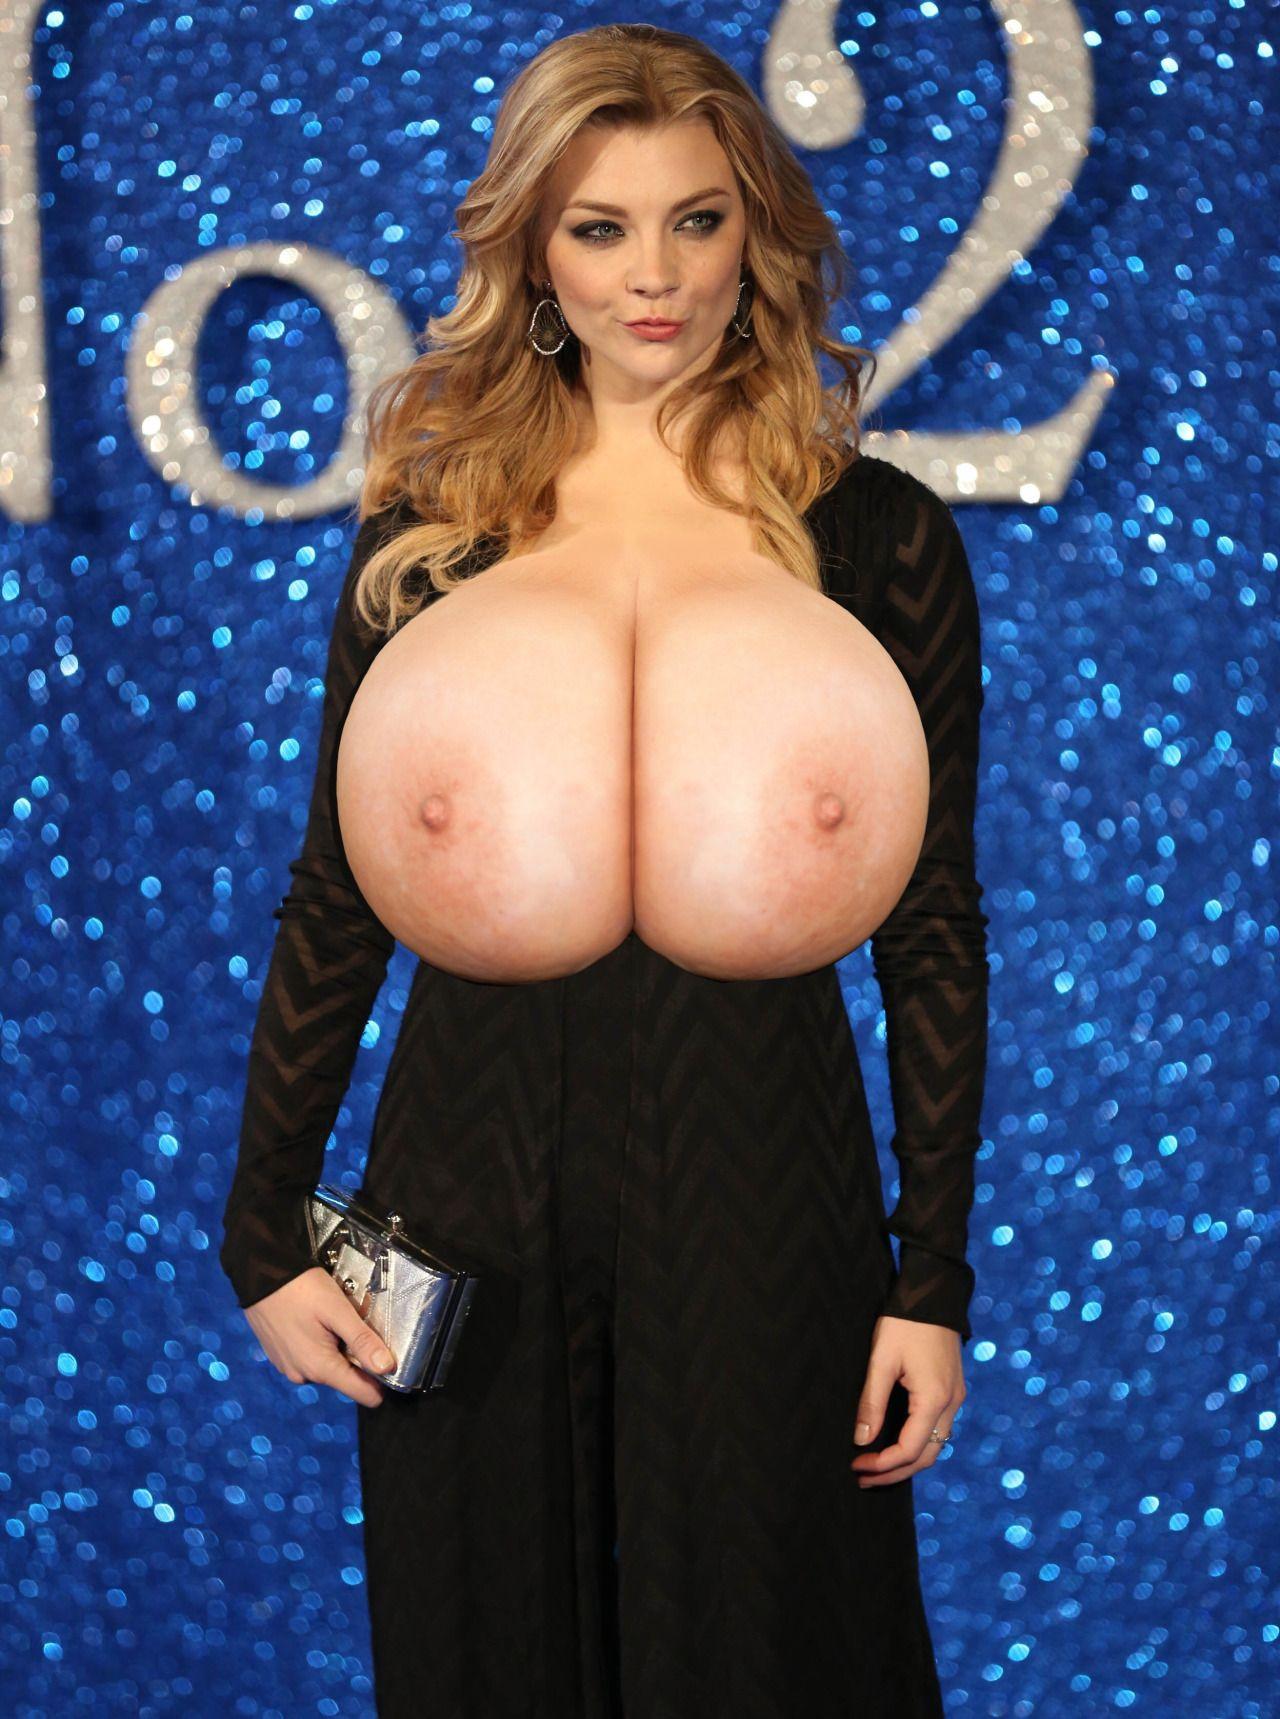 Boobs Tits Huge Morph Pics